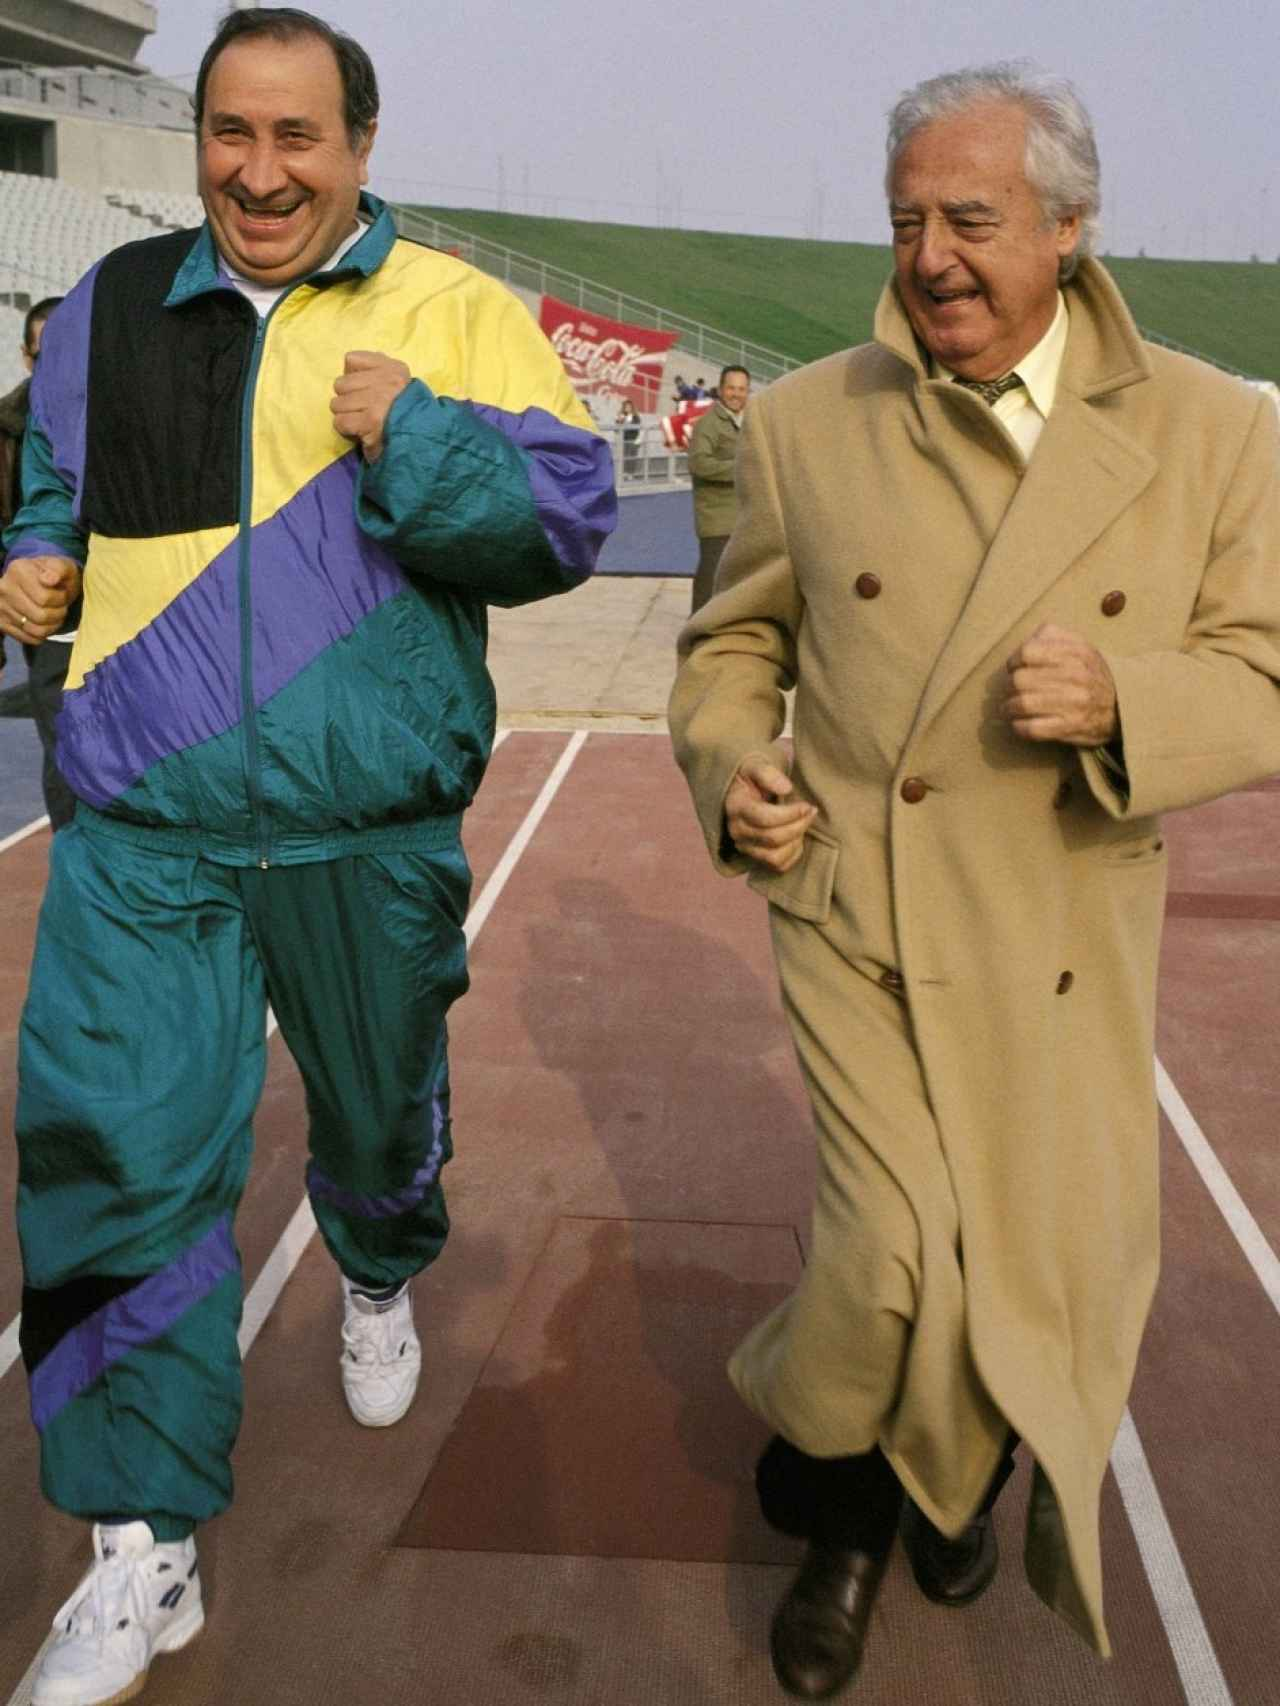 Ramón Mendoza no perdía la elegancia ni cuando salía a correr. Aquí, vistiendo gabardina mientras Jesús Gil iba ataviado con un chándal.